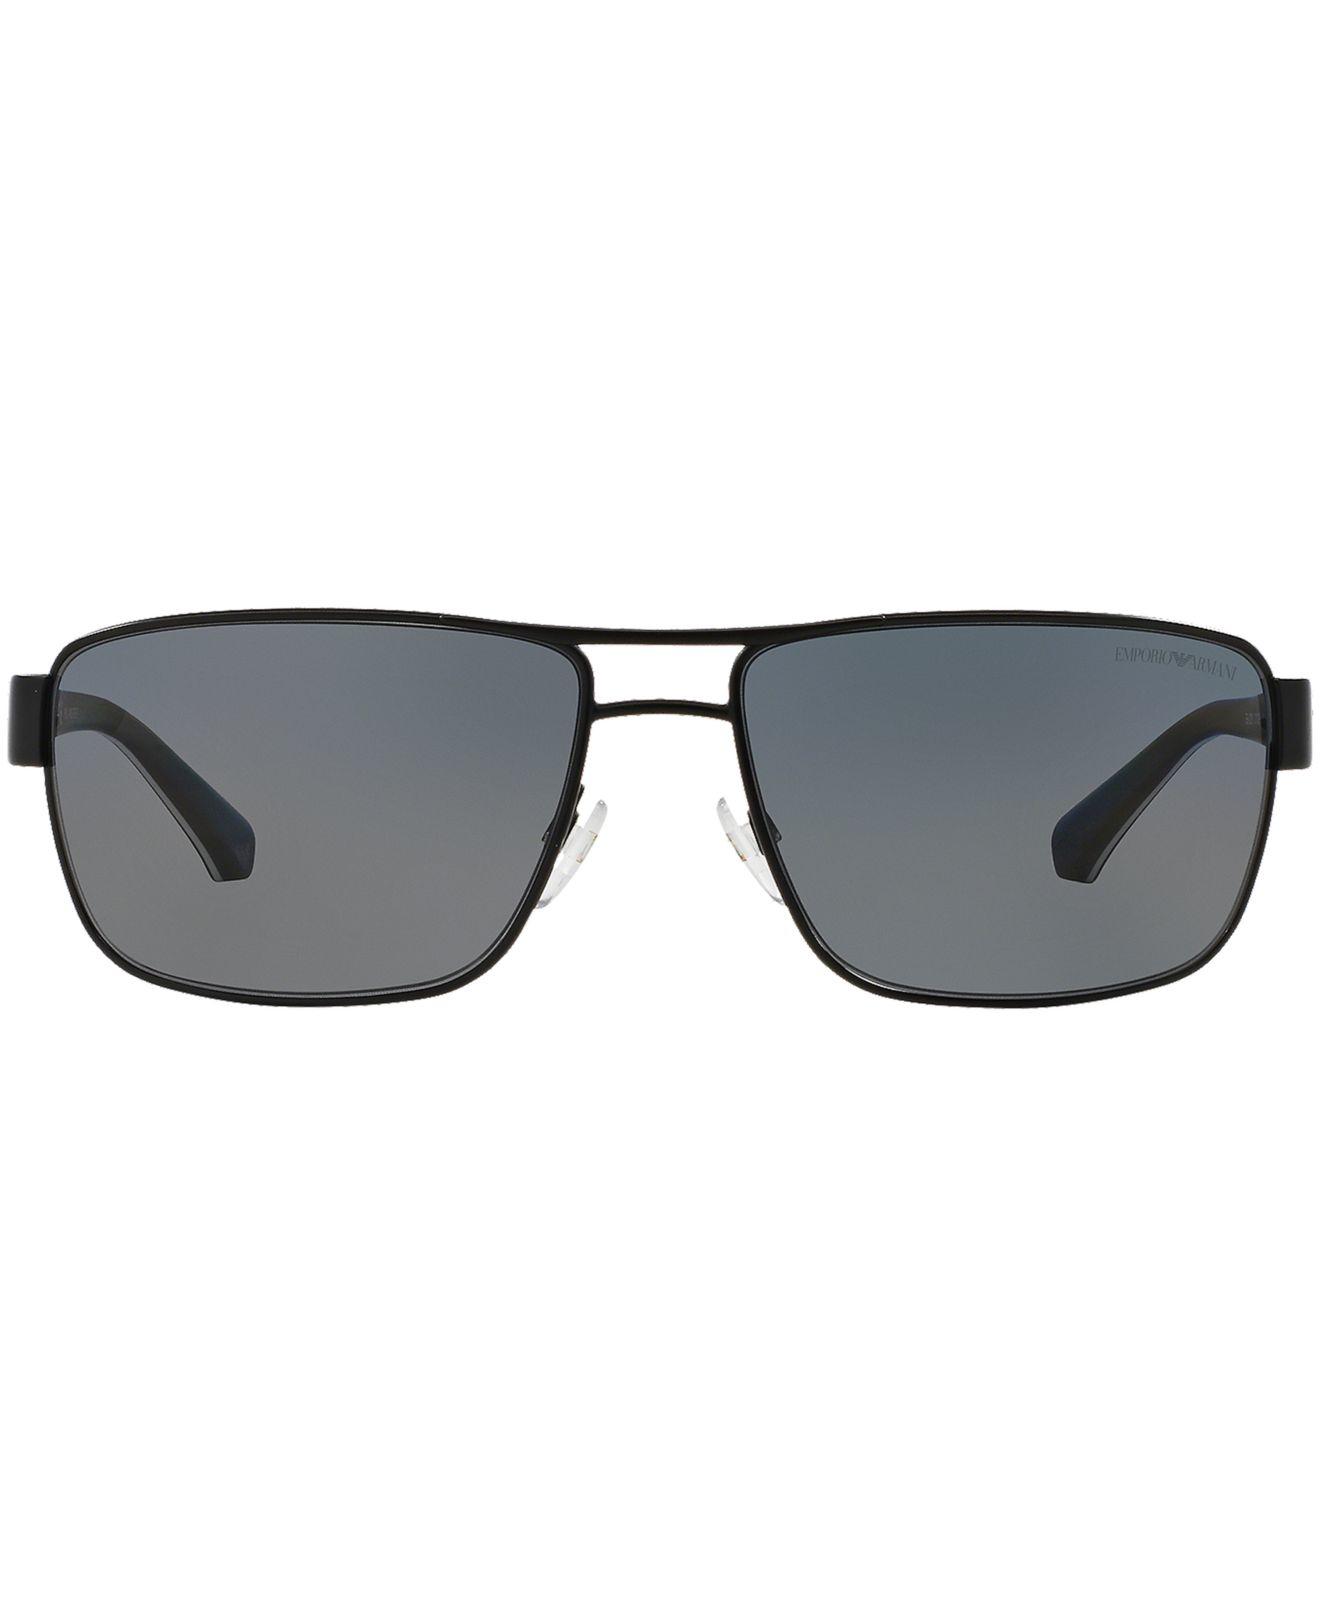 18c2d6e556d9 Lyst - Emporio Armani Emporio Ea2031 62 in Black for Men